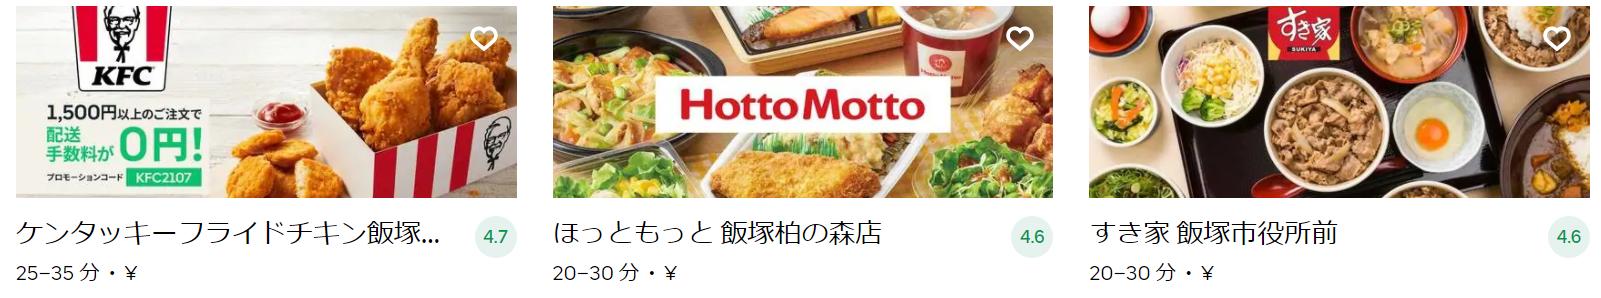 飯塚市エリアのおすすめUber Eats(ウーバーイーツ)メニュー